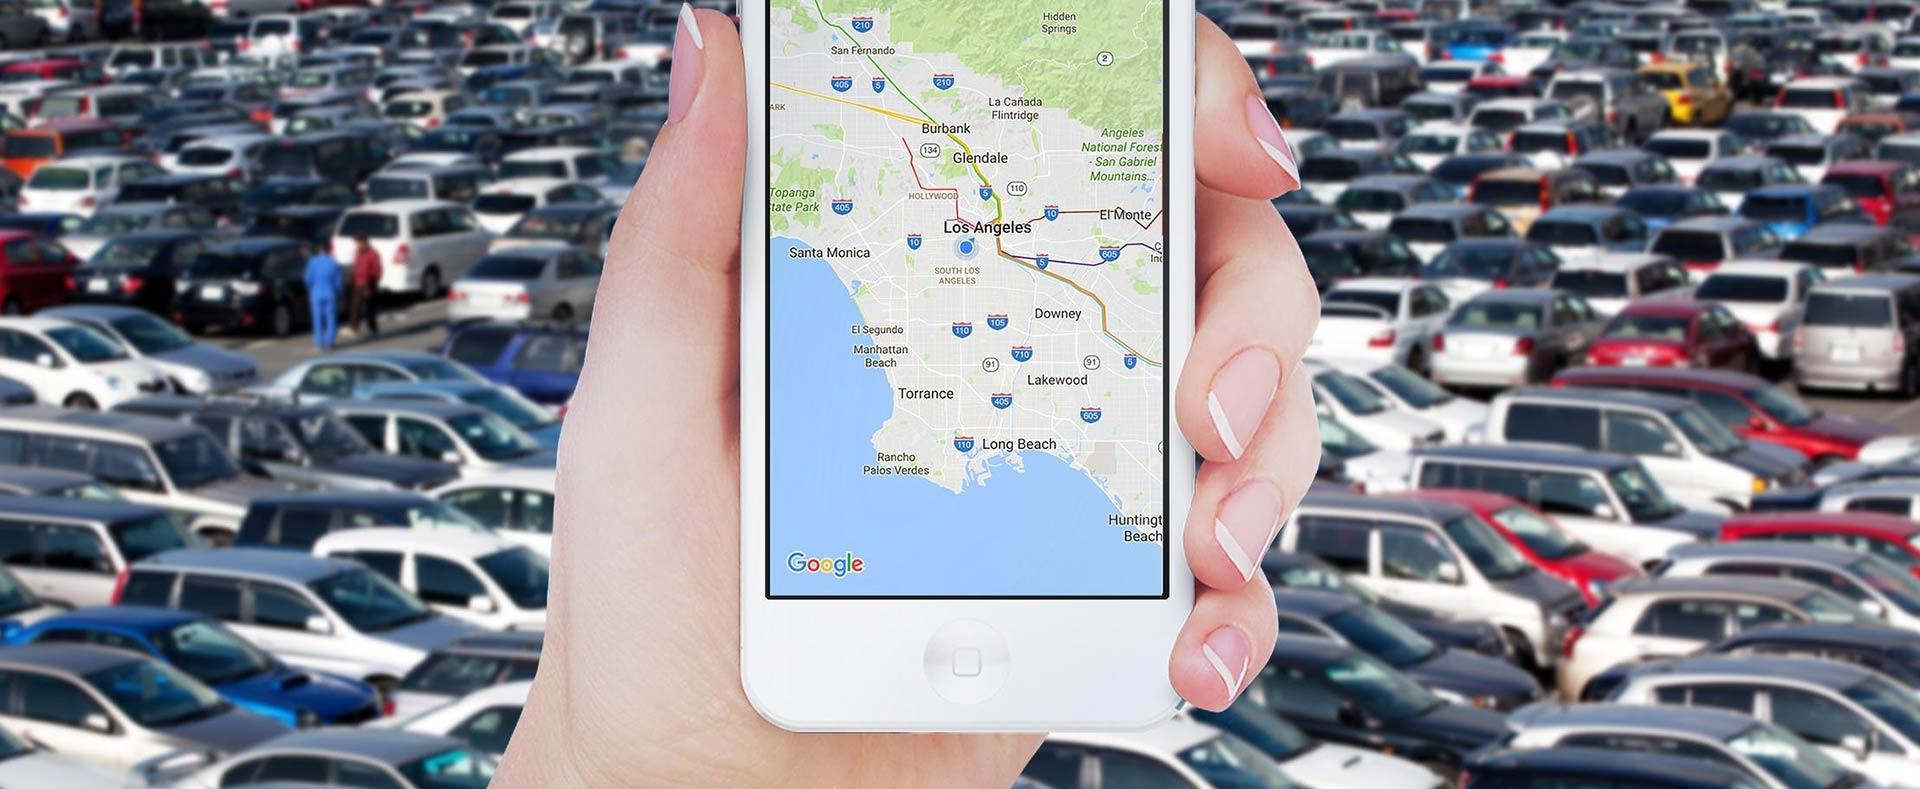 Как на вашем телефоне быстро найти оставленную машину, мотоцикл или велосипед?